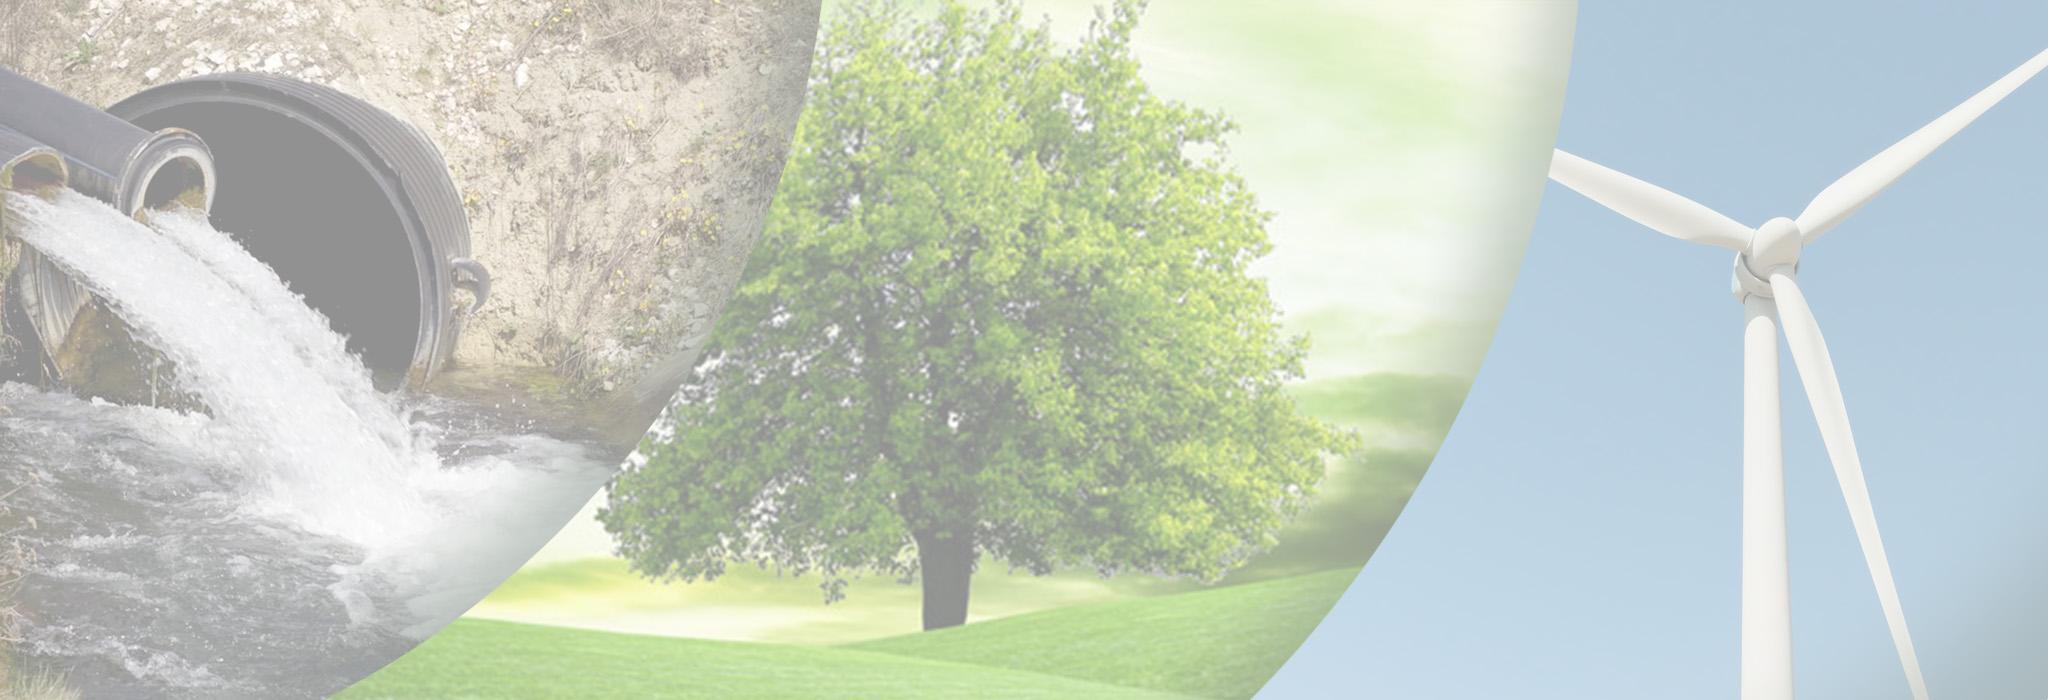 Bonifica ambientale del suolo, sottosuolo, dell'acqua e dell'aria